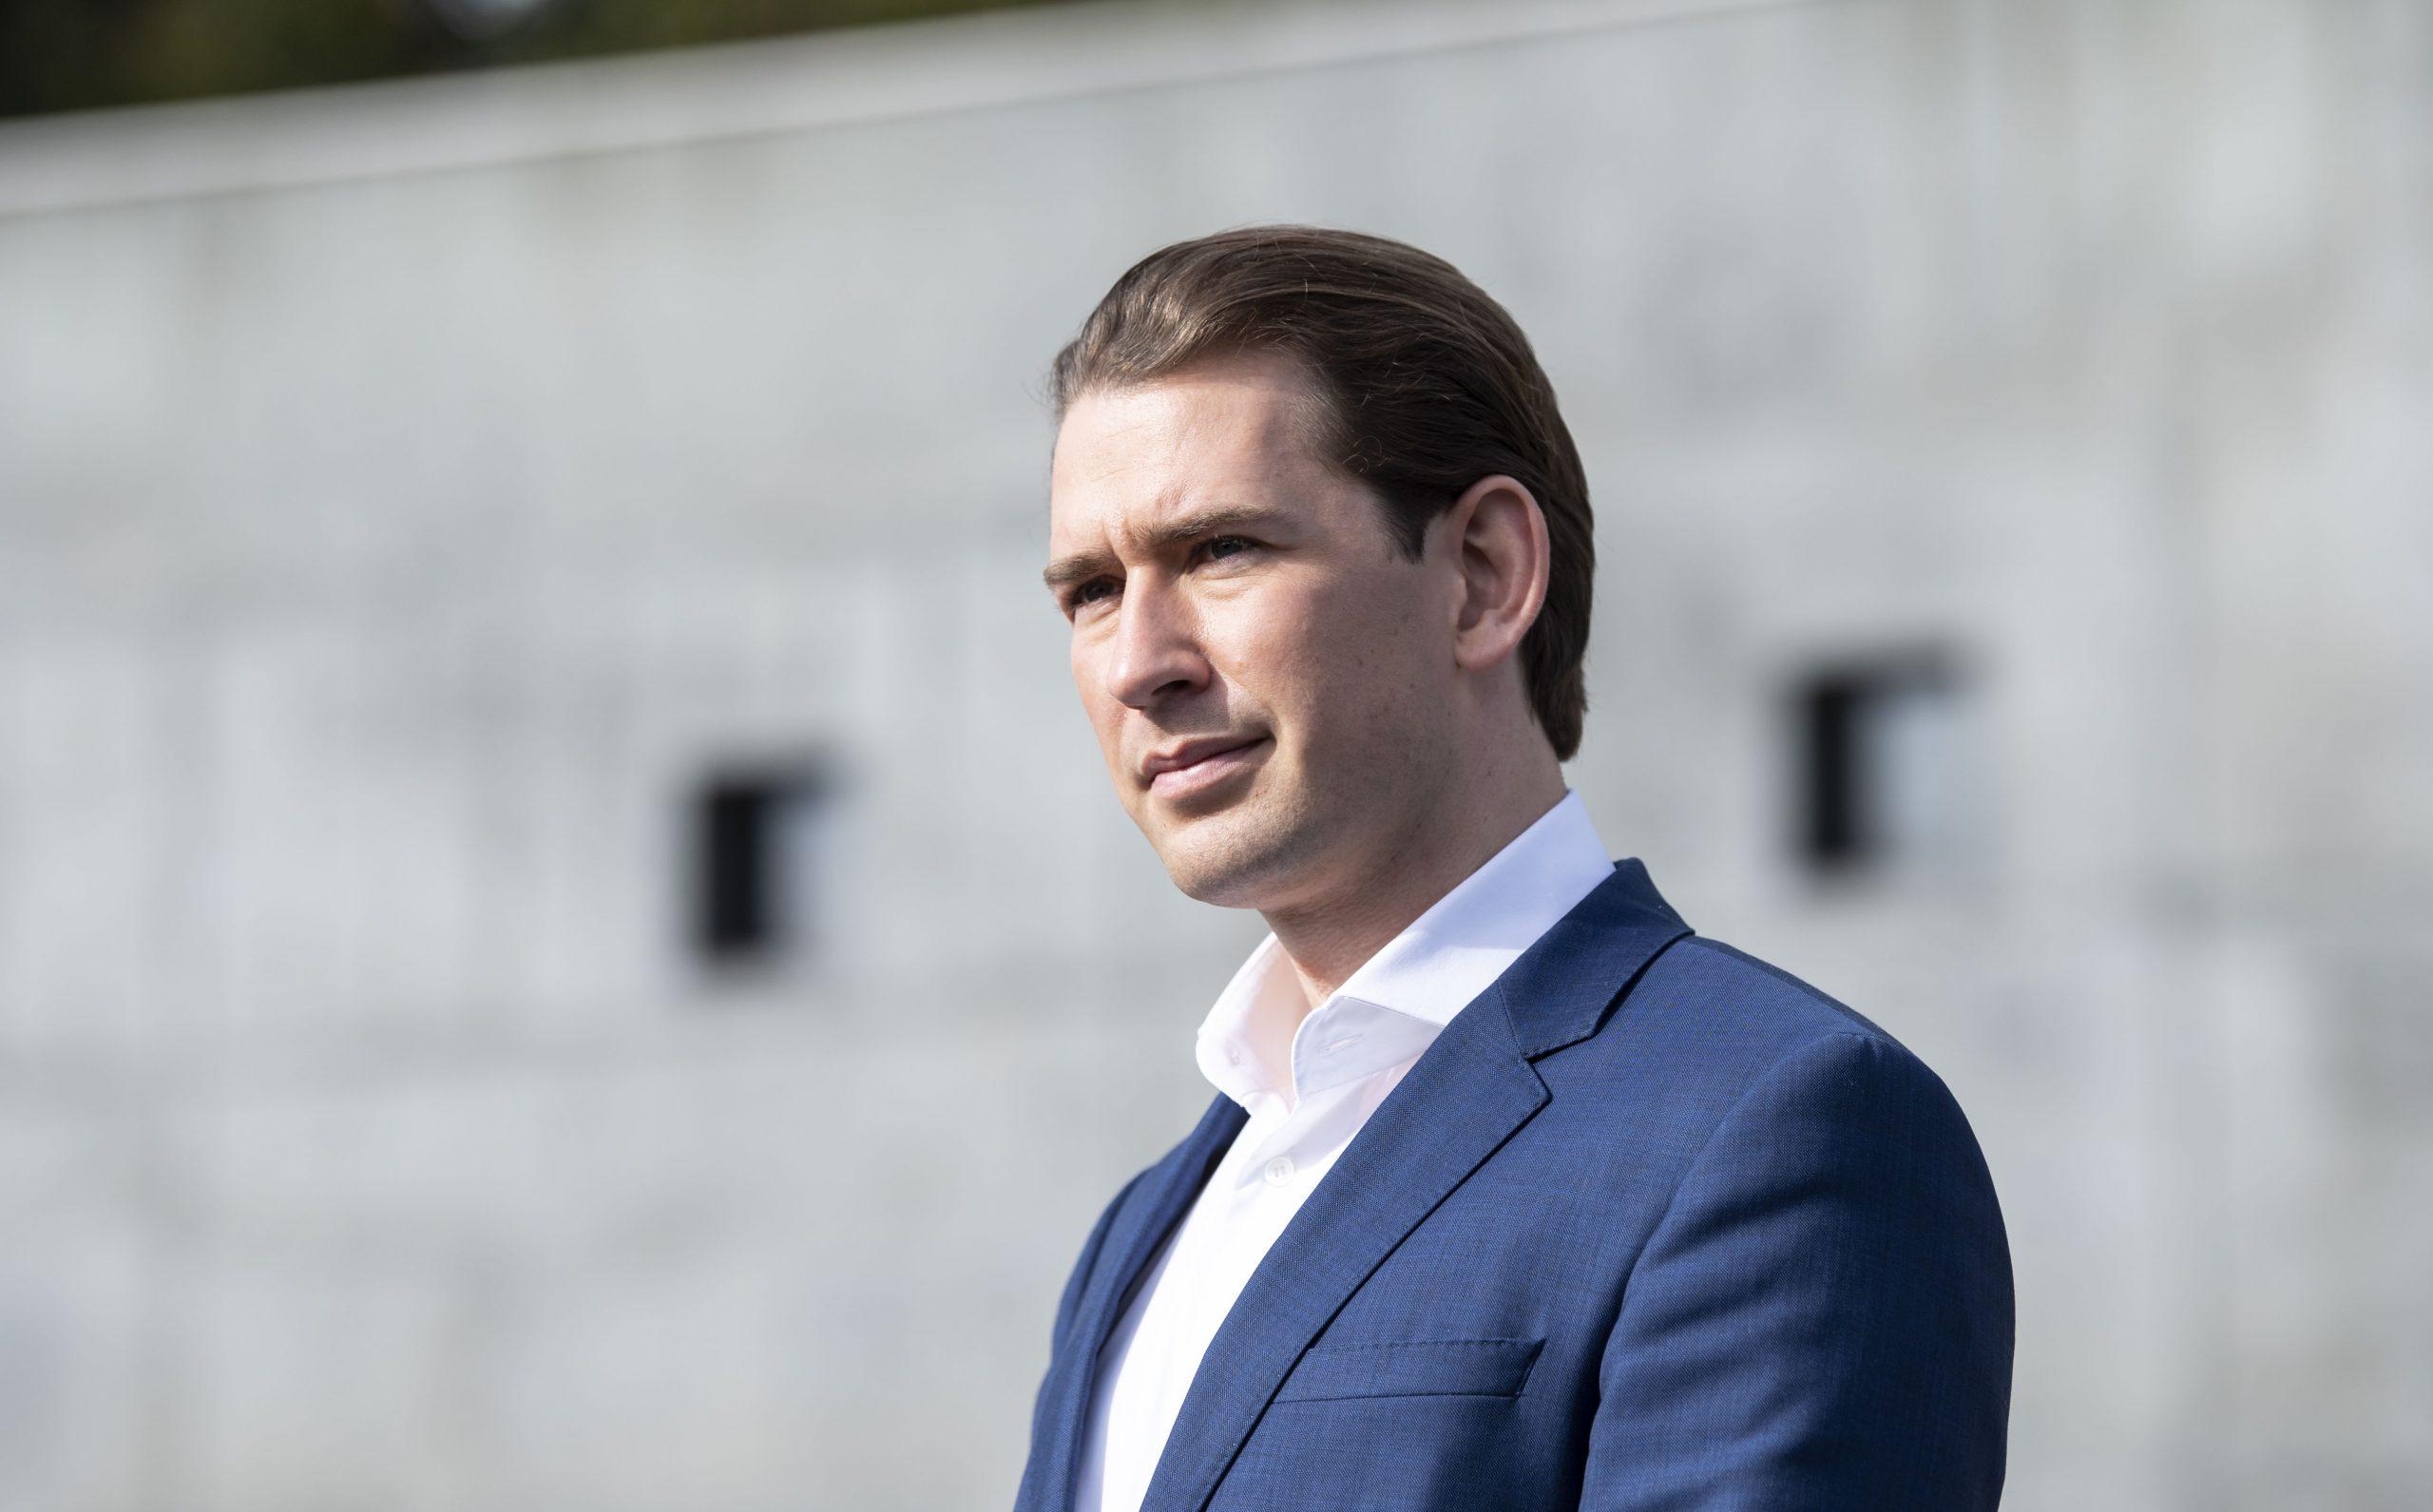 Österreichs Kanzler politisch zunehmend unter Druck – Korruptionsermittlungen gegen Finanzminister Blümel